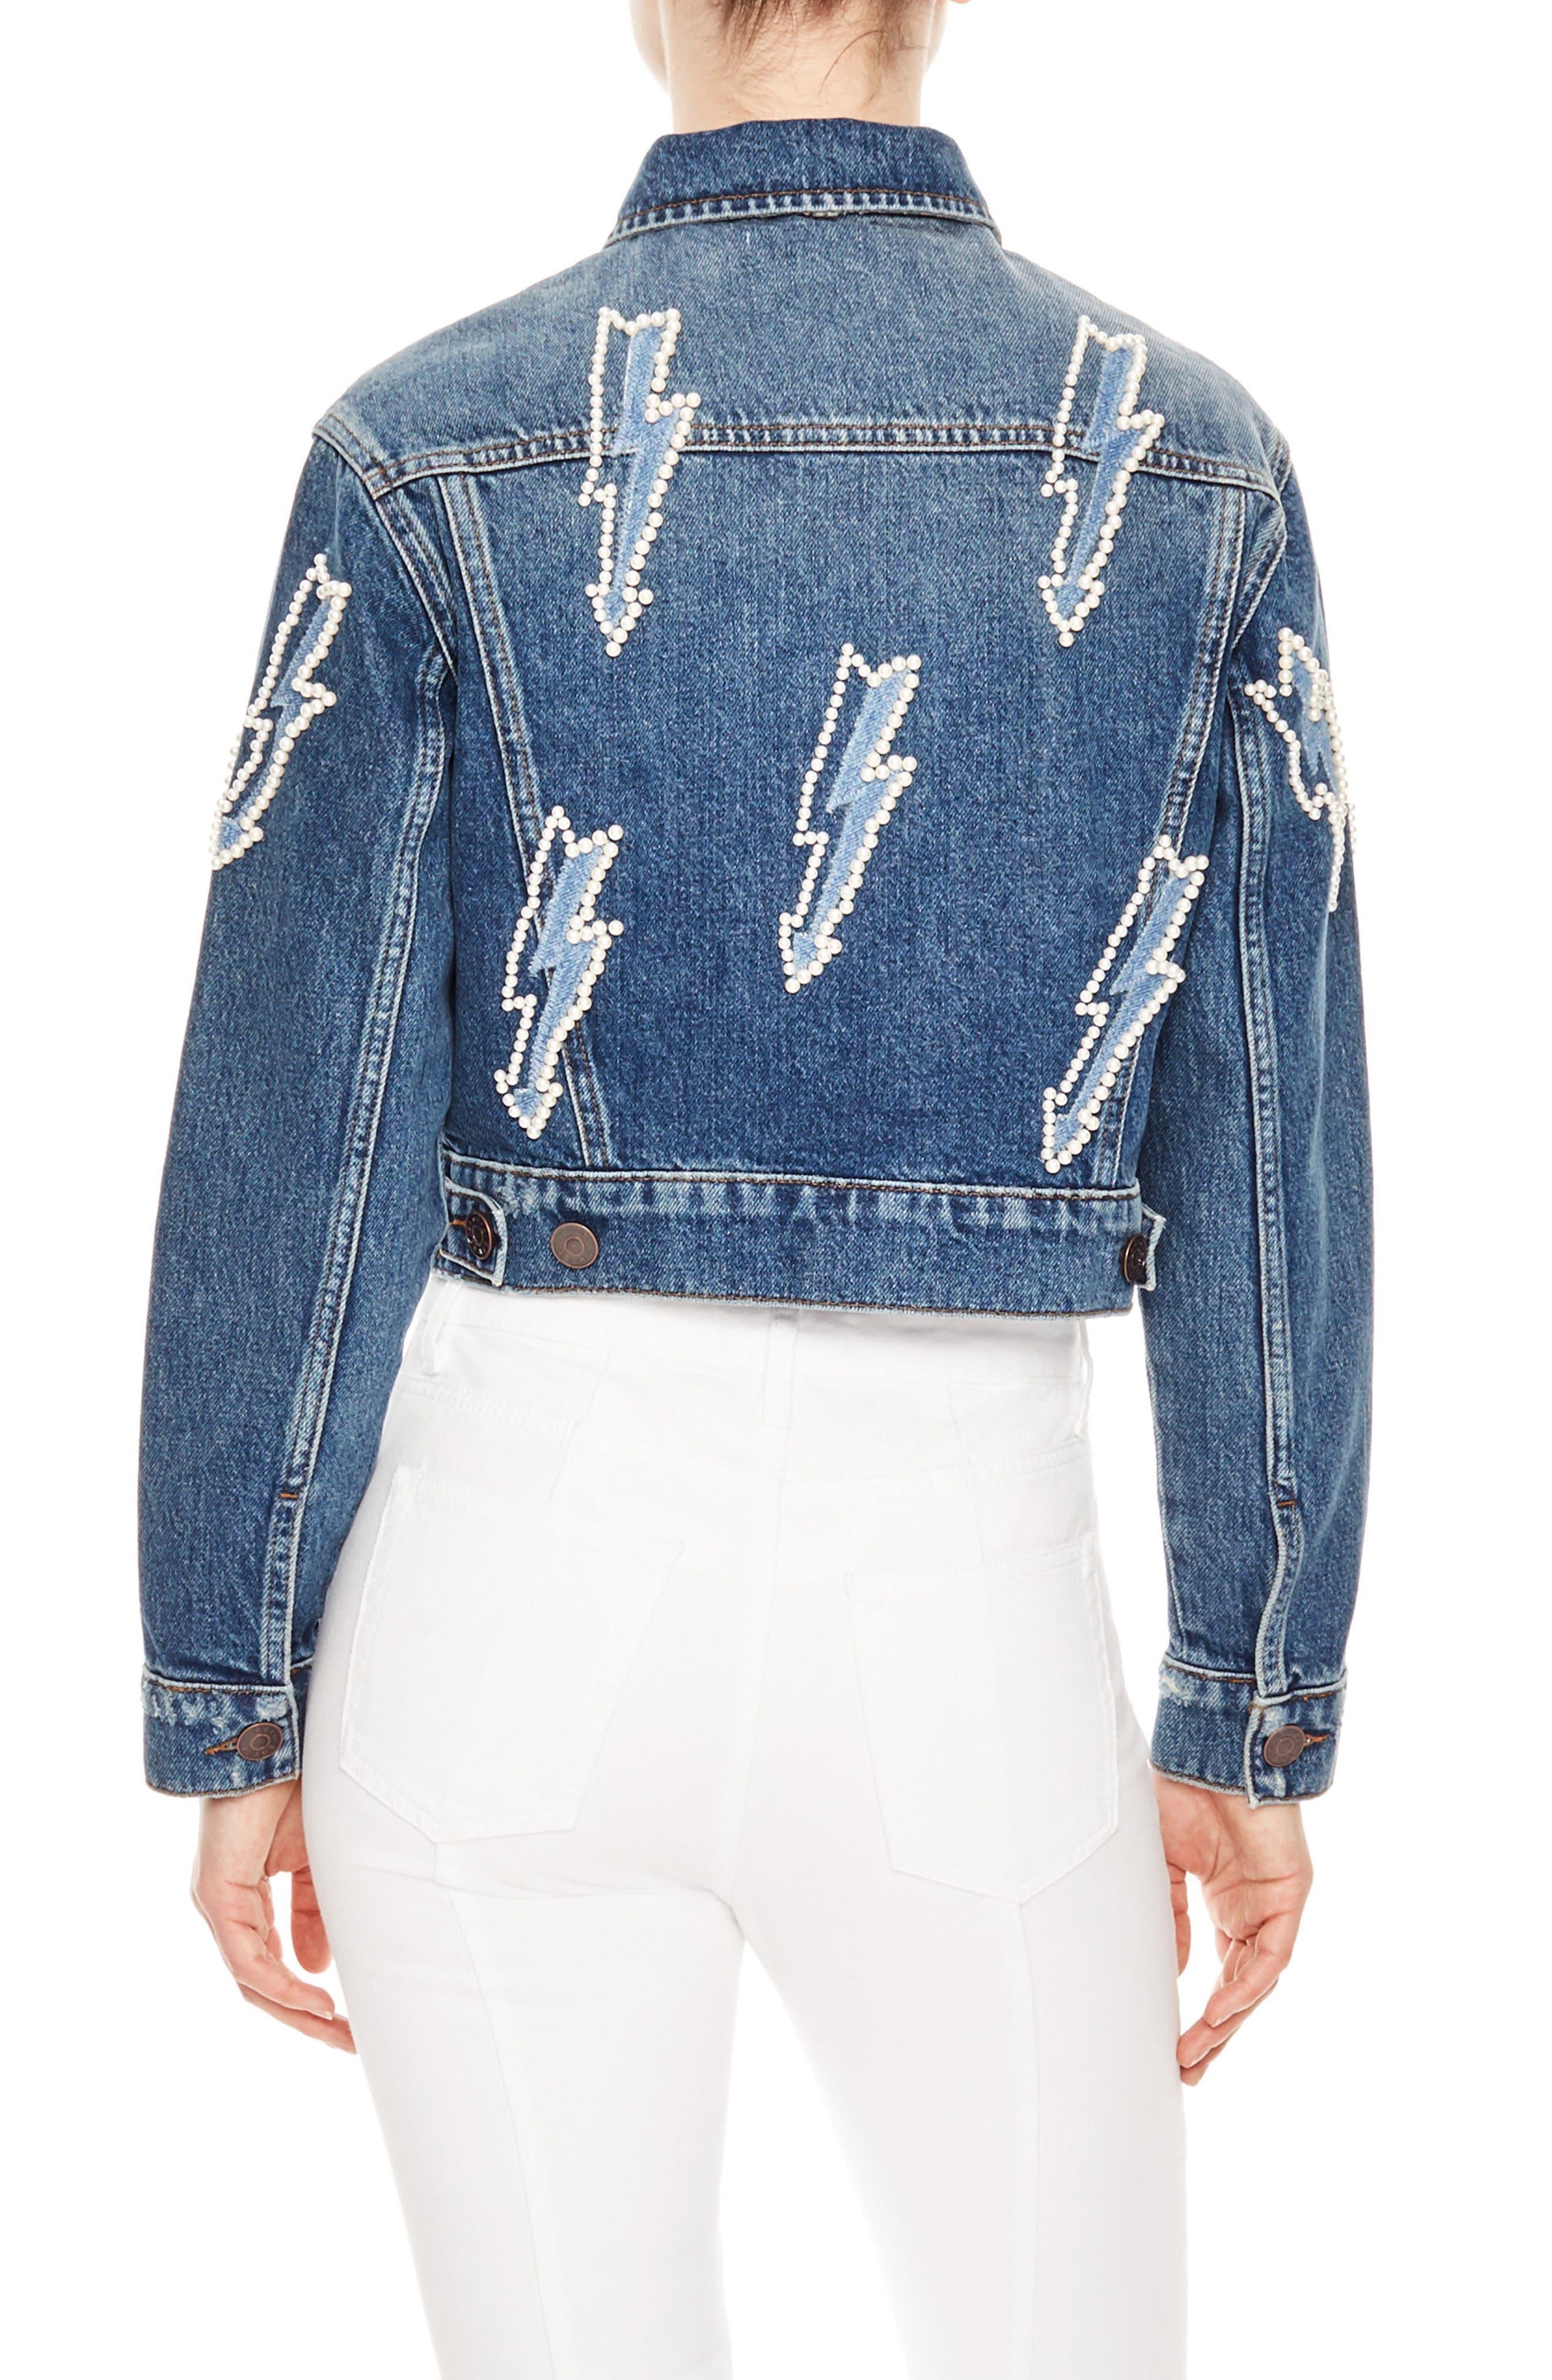 Pearly Bauble Lightning Bolt Denim Jacket,                             Alternate thumbnail 2, color,                             Blue Vintage - Denim